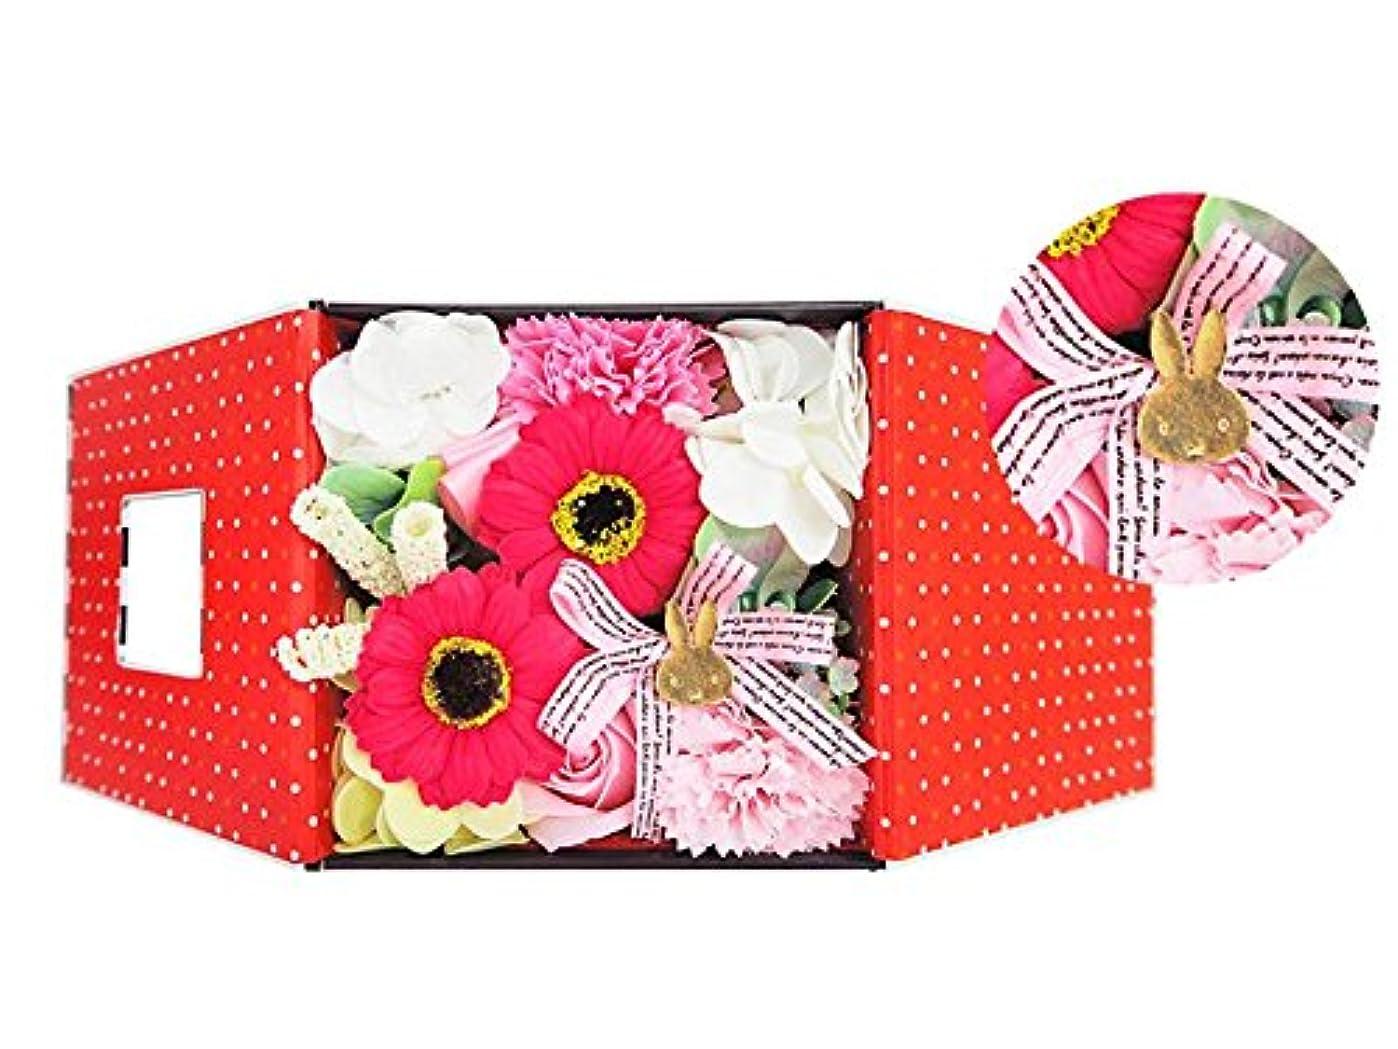 ジョグ魔術師取り出すお花のカタチの入浴剤 ミッフィーバスフレグランスボックス 誕生日 記念日 お祝い (ピンク)